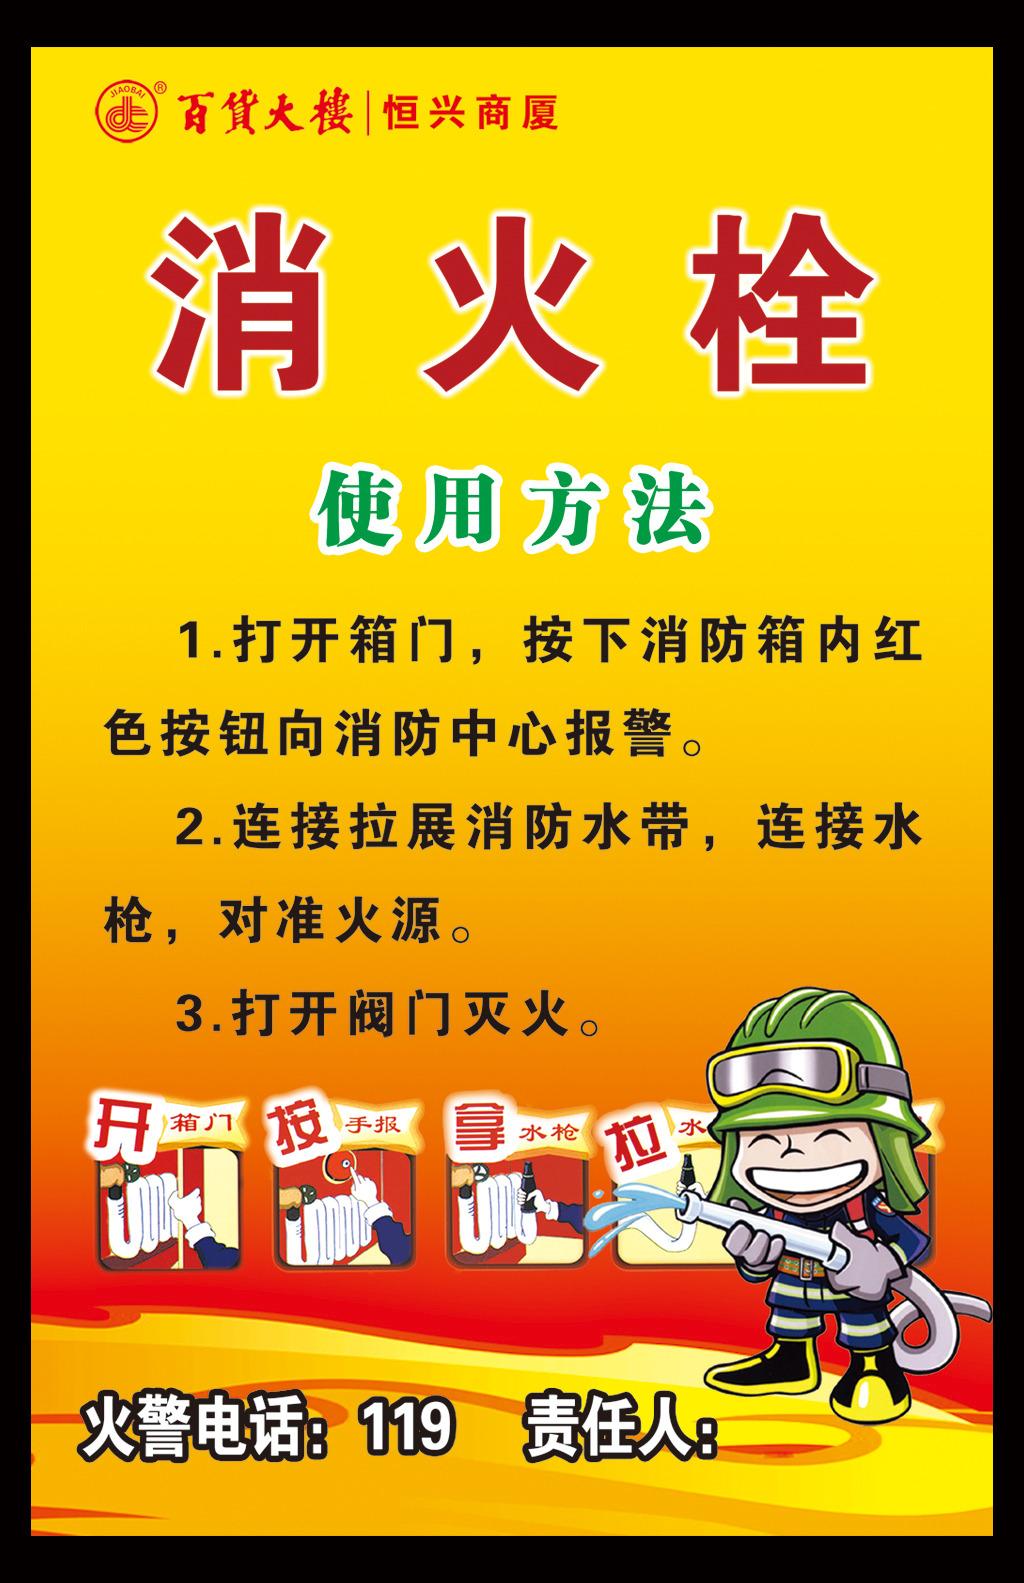 消火栓使用方法展板源文件下载